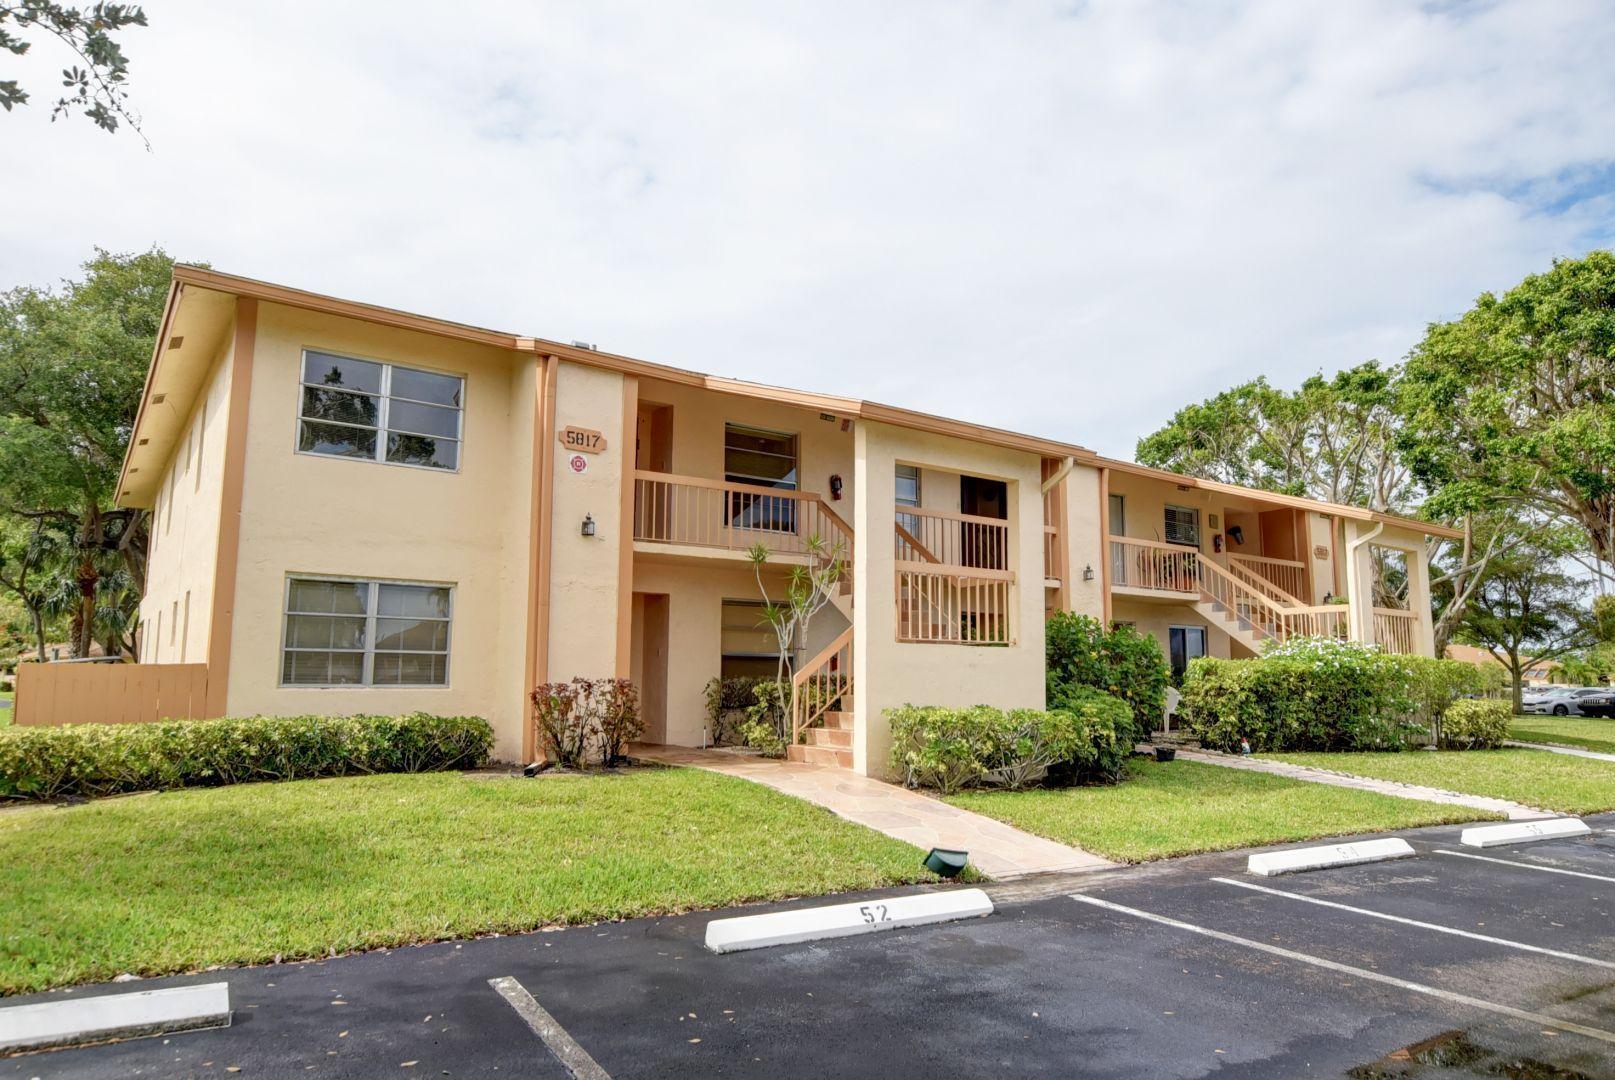 5817 Sugar Palm Court D  Delray Beach, FL 33484